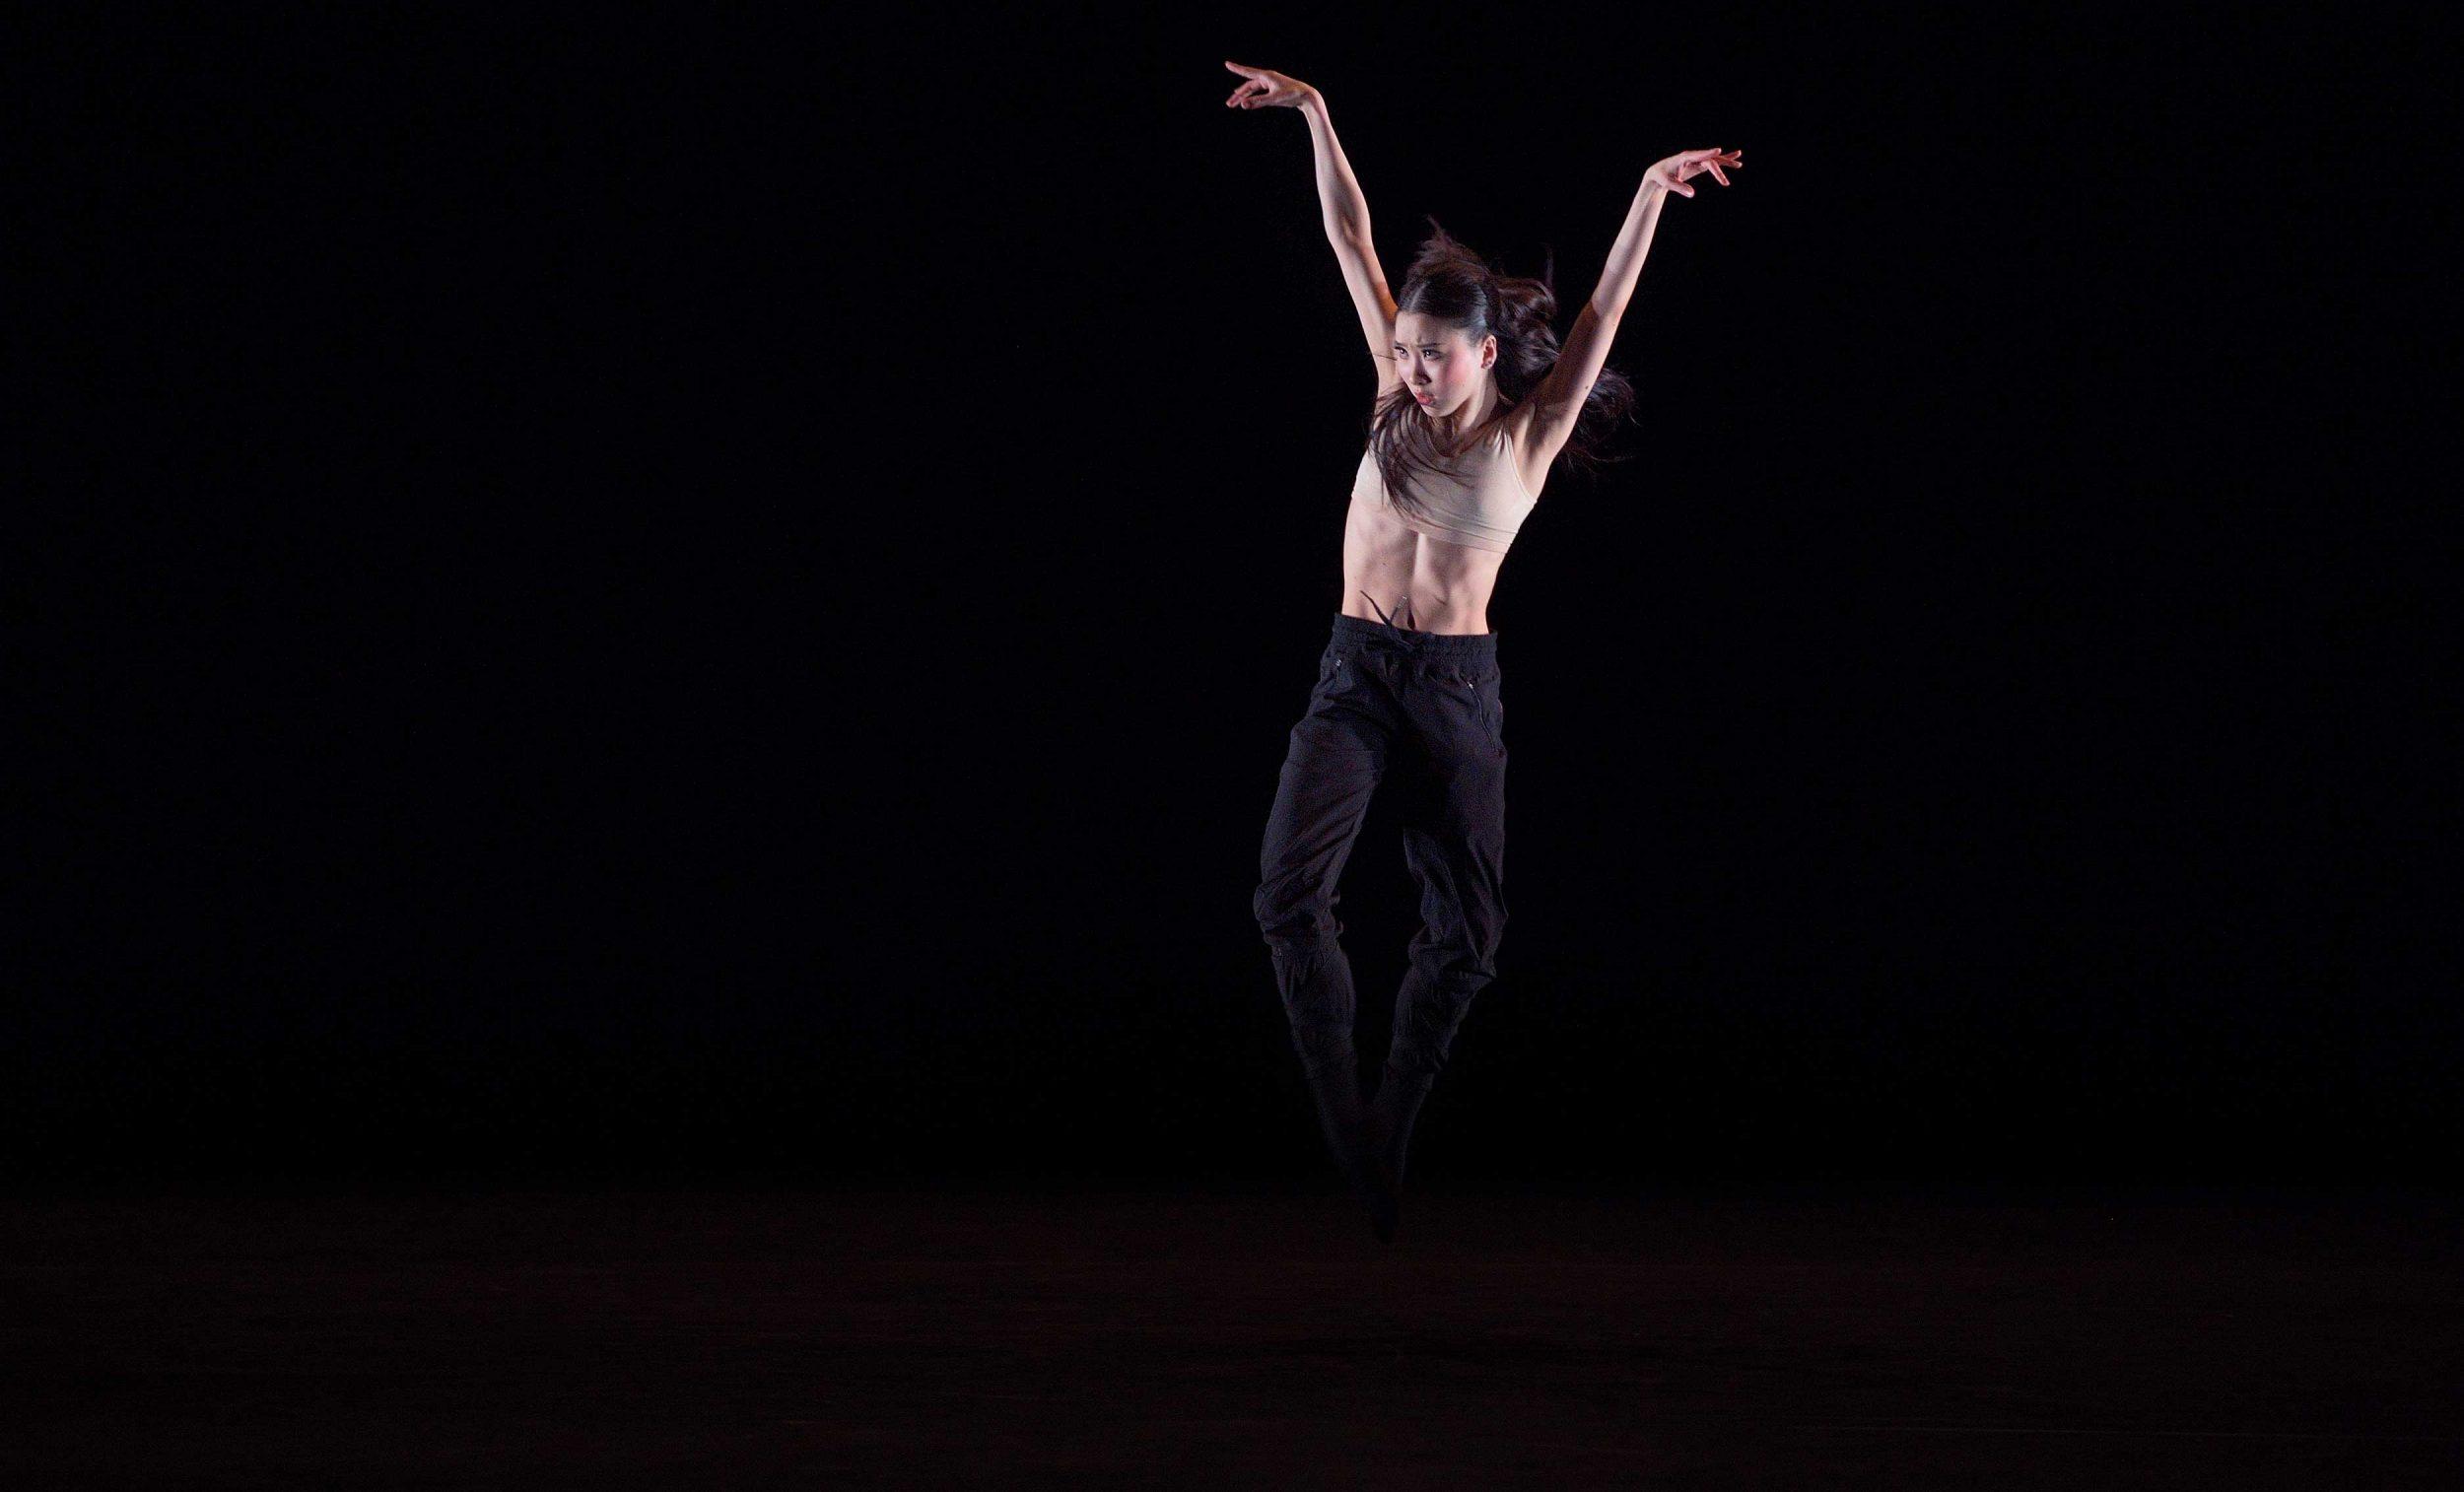 Rina-Kanehara-performing-Blind-Dreams-©-Laurent-Liotardo-(3)